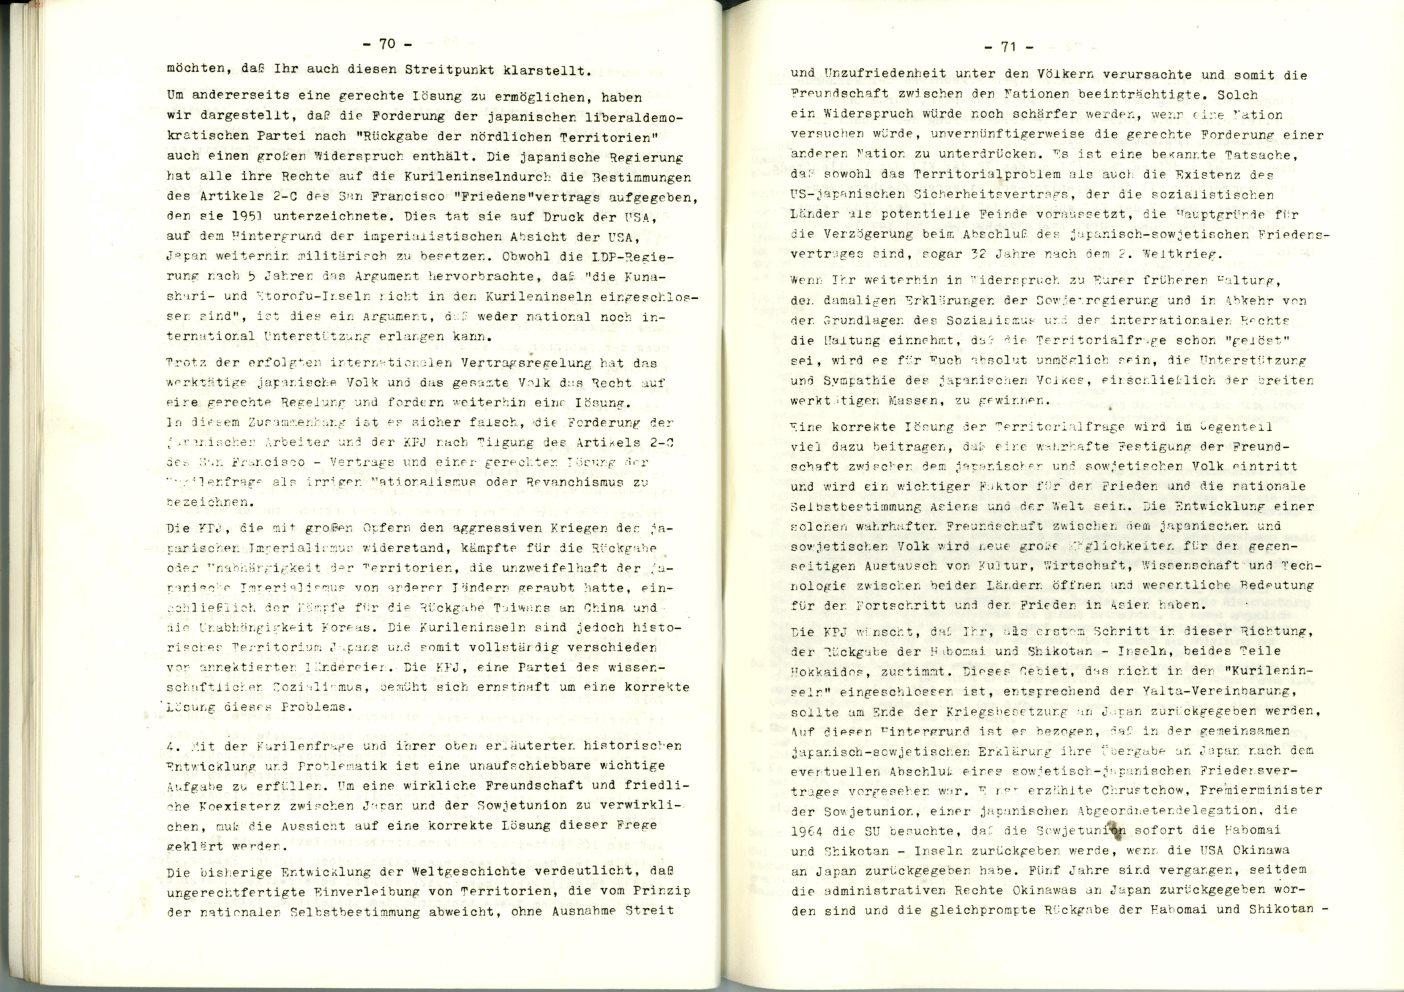 Nuernberg_Fuerth_Erlangen_ML_Diskussionsbeitraege_1979_02_36